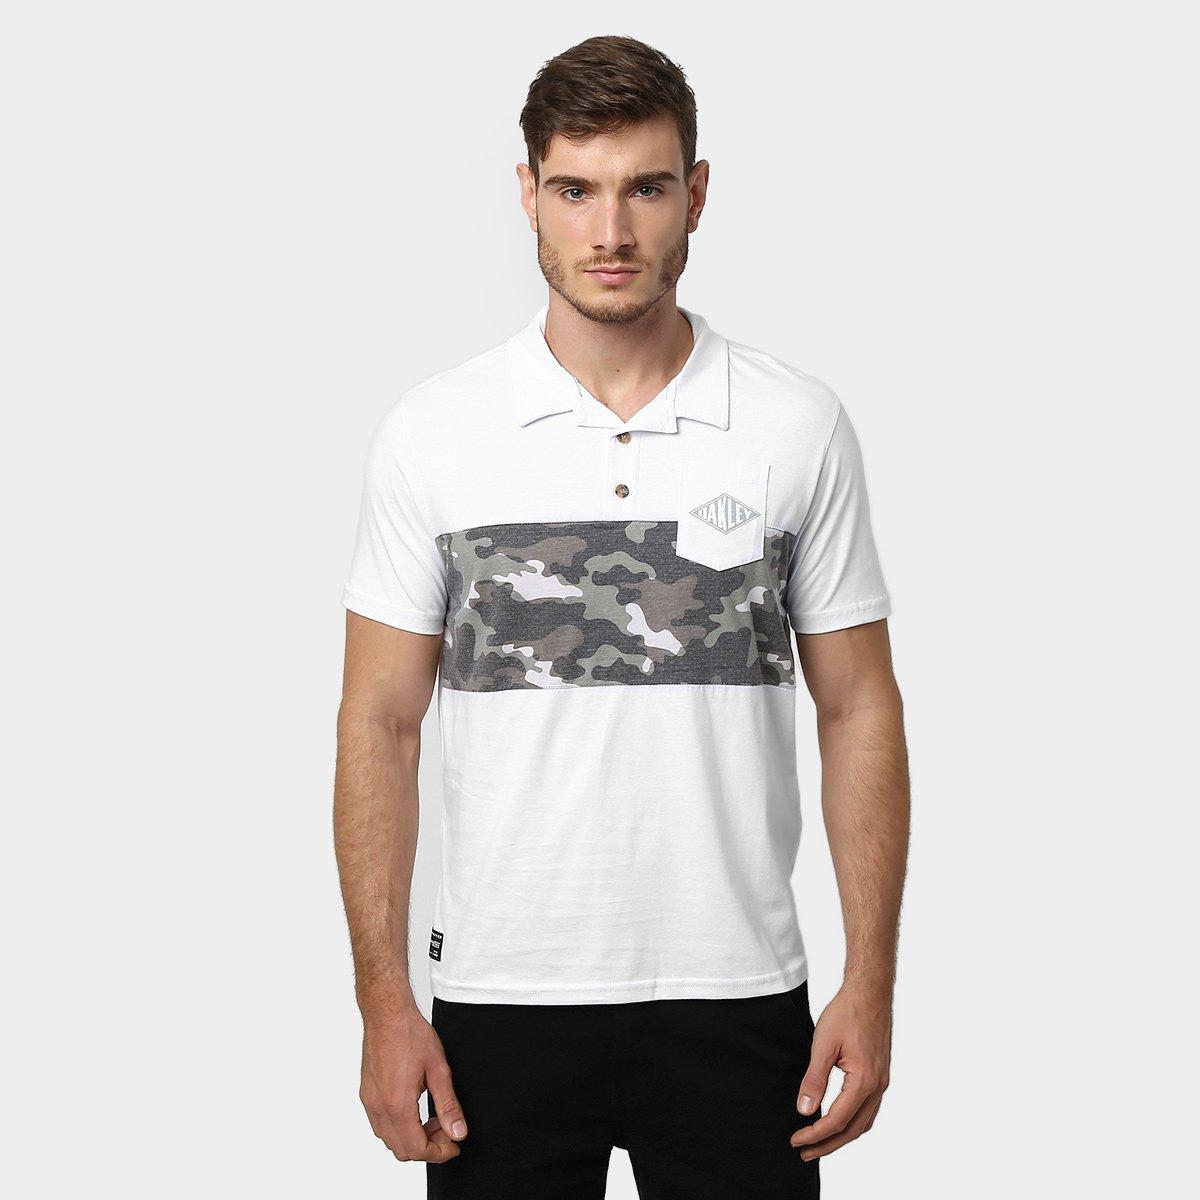 65759928b4 Camisa Polo Oakley Neo Camo - Compre Agora